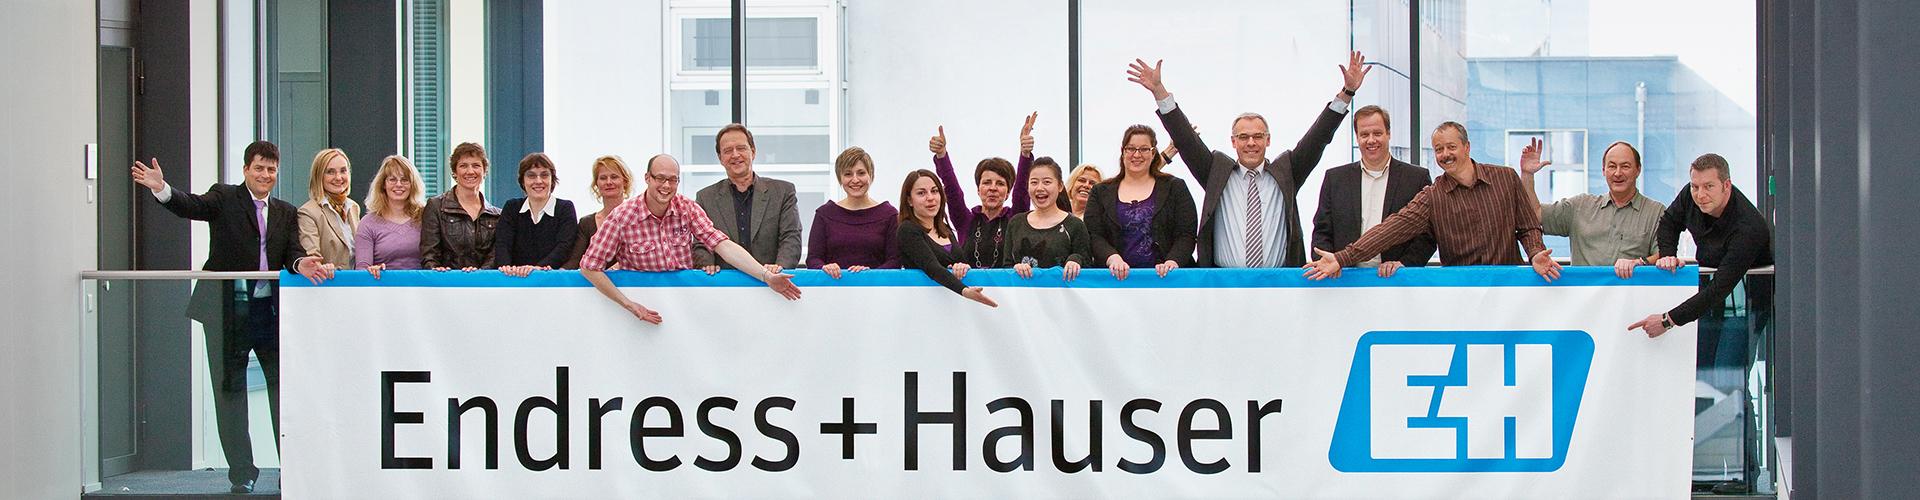 Representative of Endress+Hauser